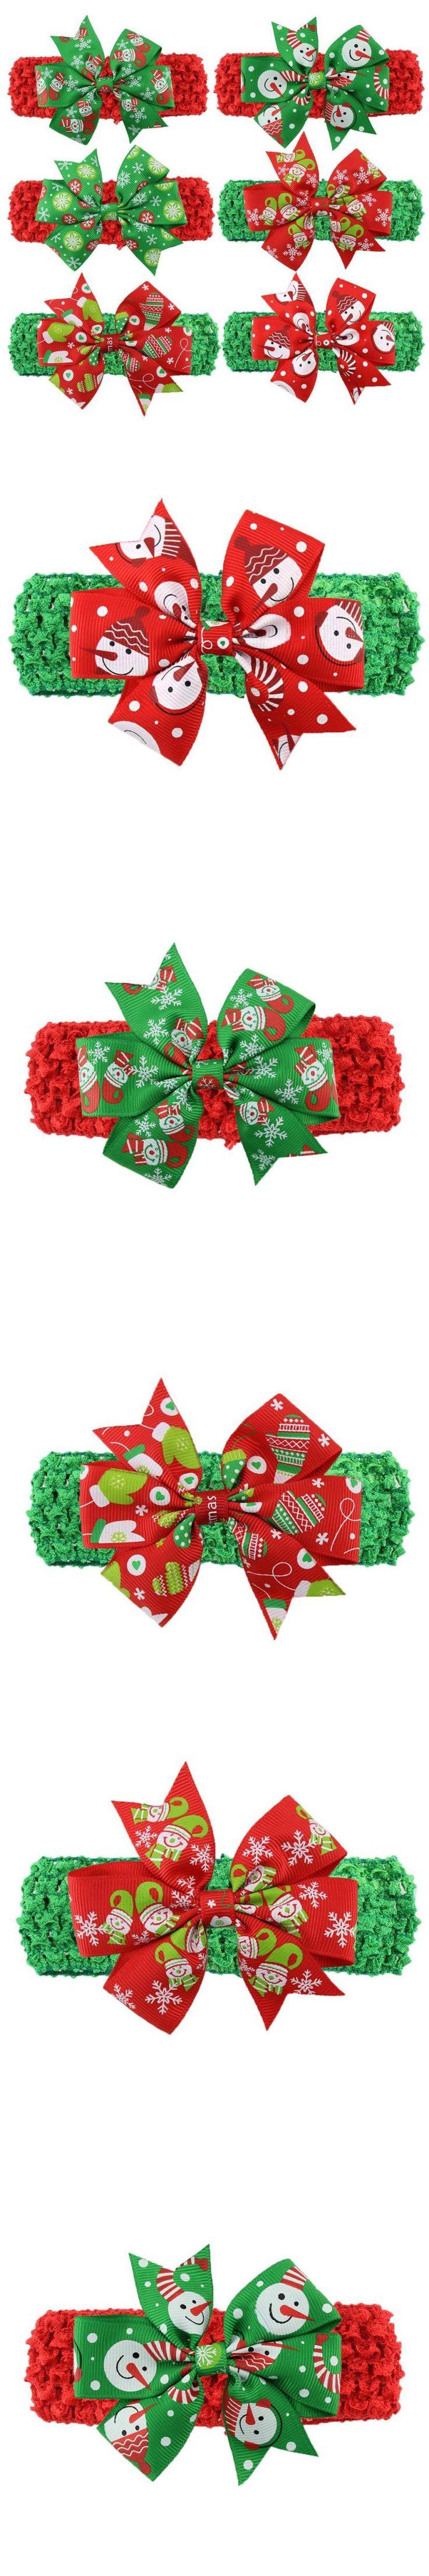 6 Pcs Headband for Girls Elastic Ribbon Christmas Headbands Acessorios De Cabelo De Menina #2658 $5.89